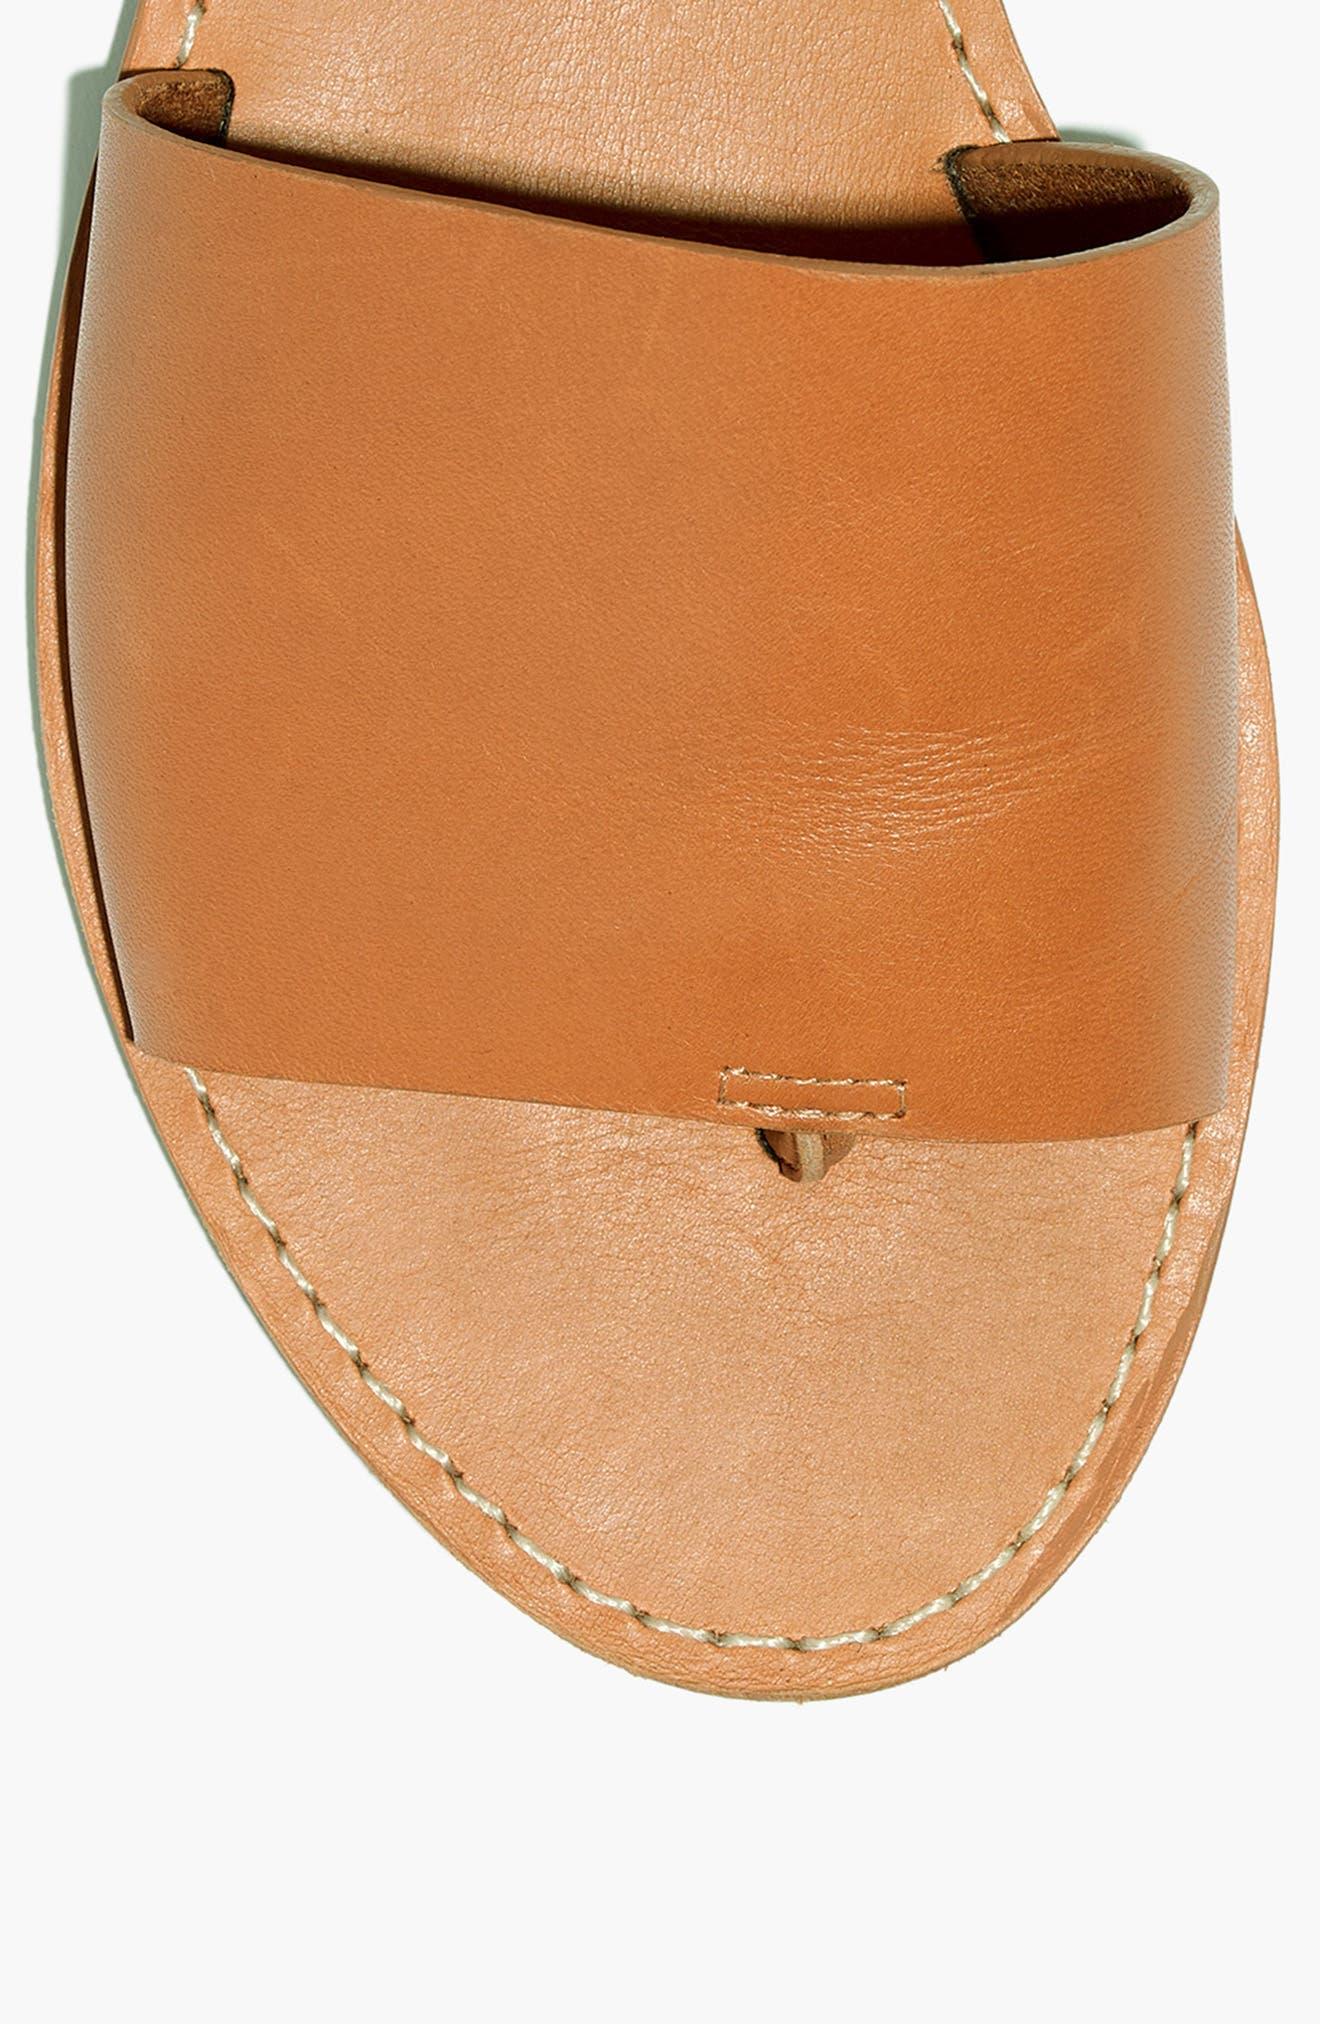 Boardwalk Post Slide Sandal,                             Alternate thumbnail 3, color,                             DESERT CAMEL LEATHER